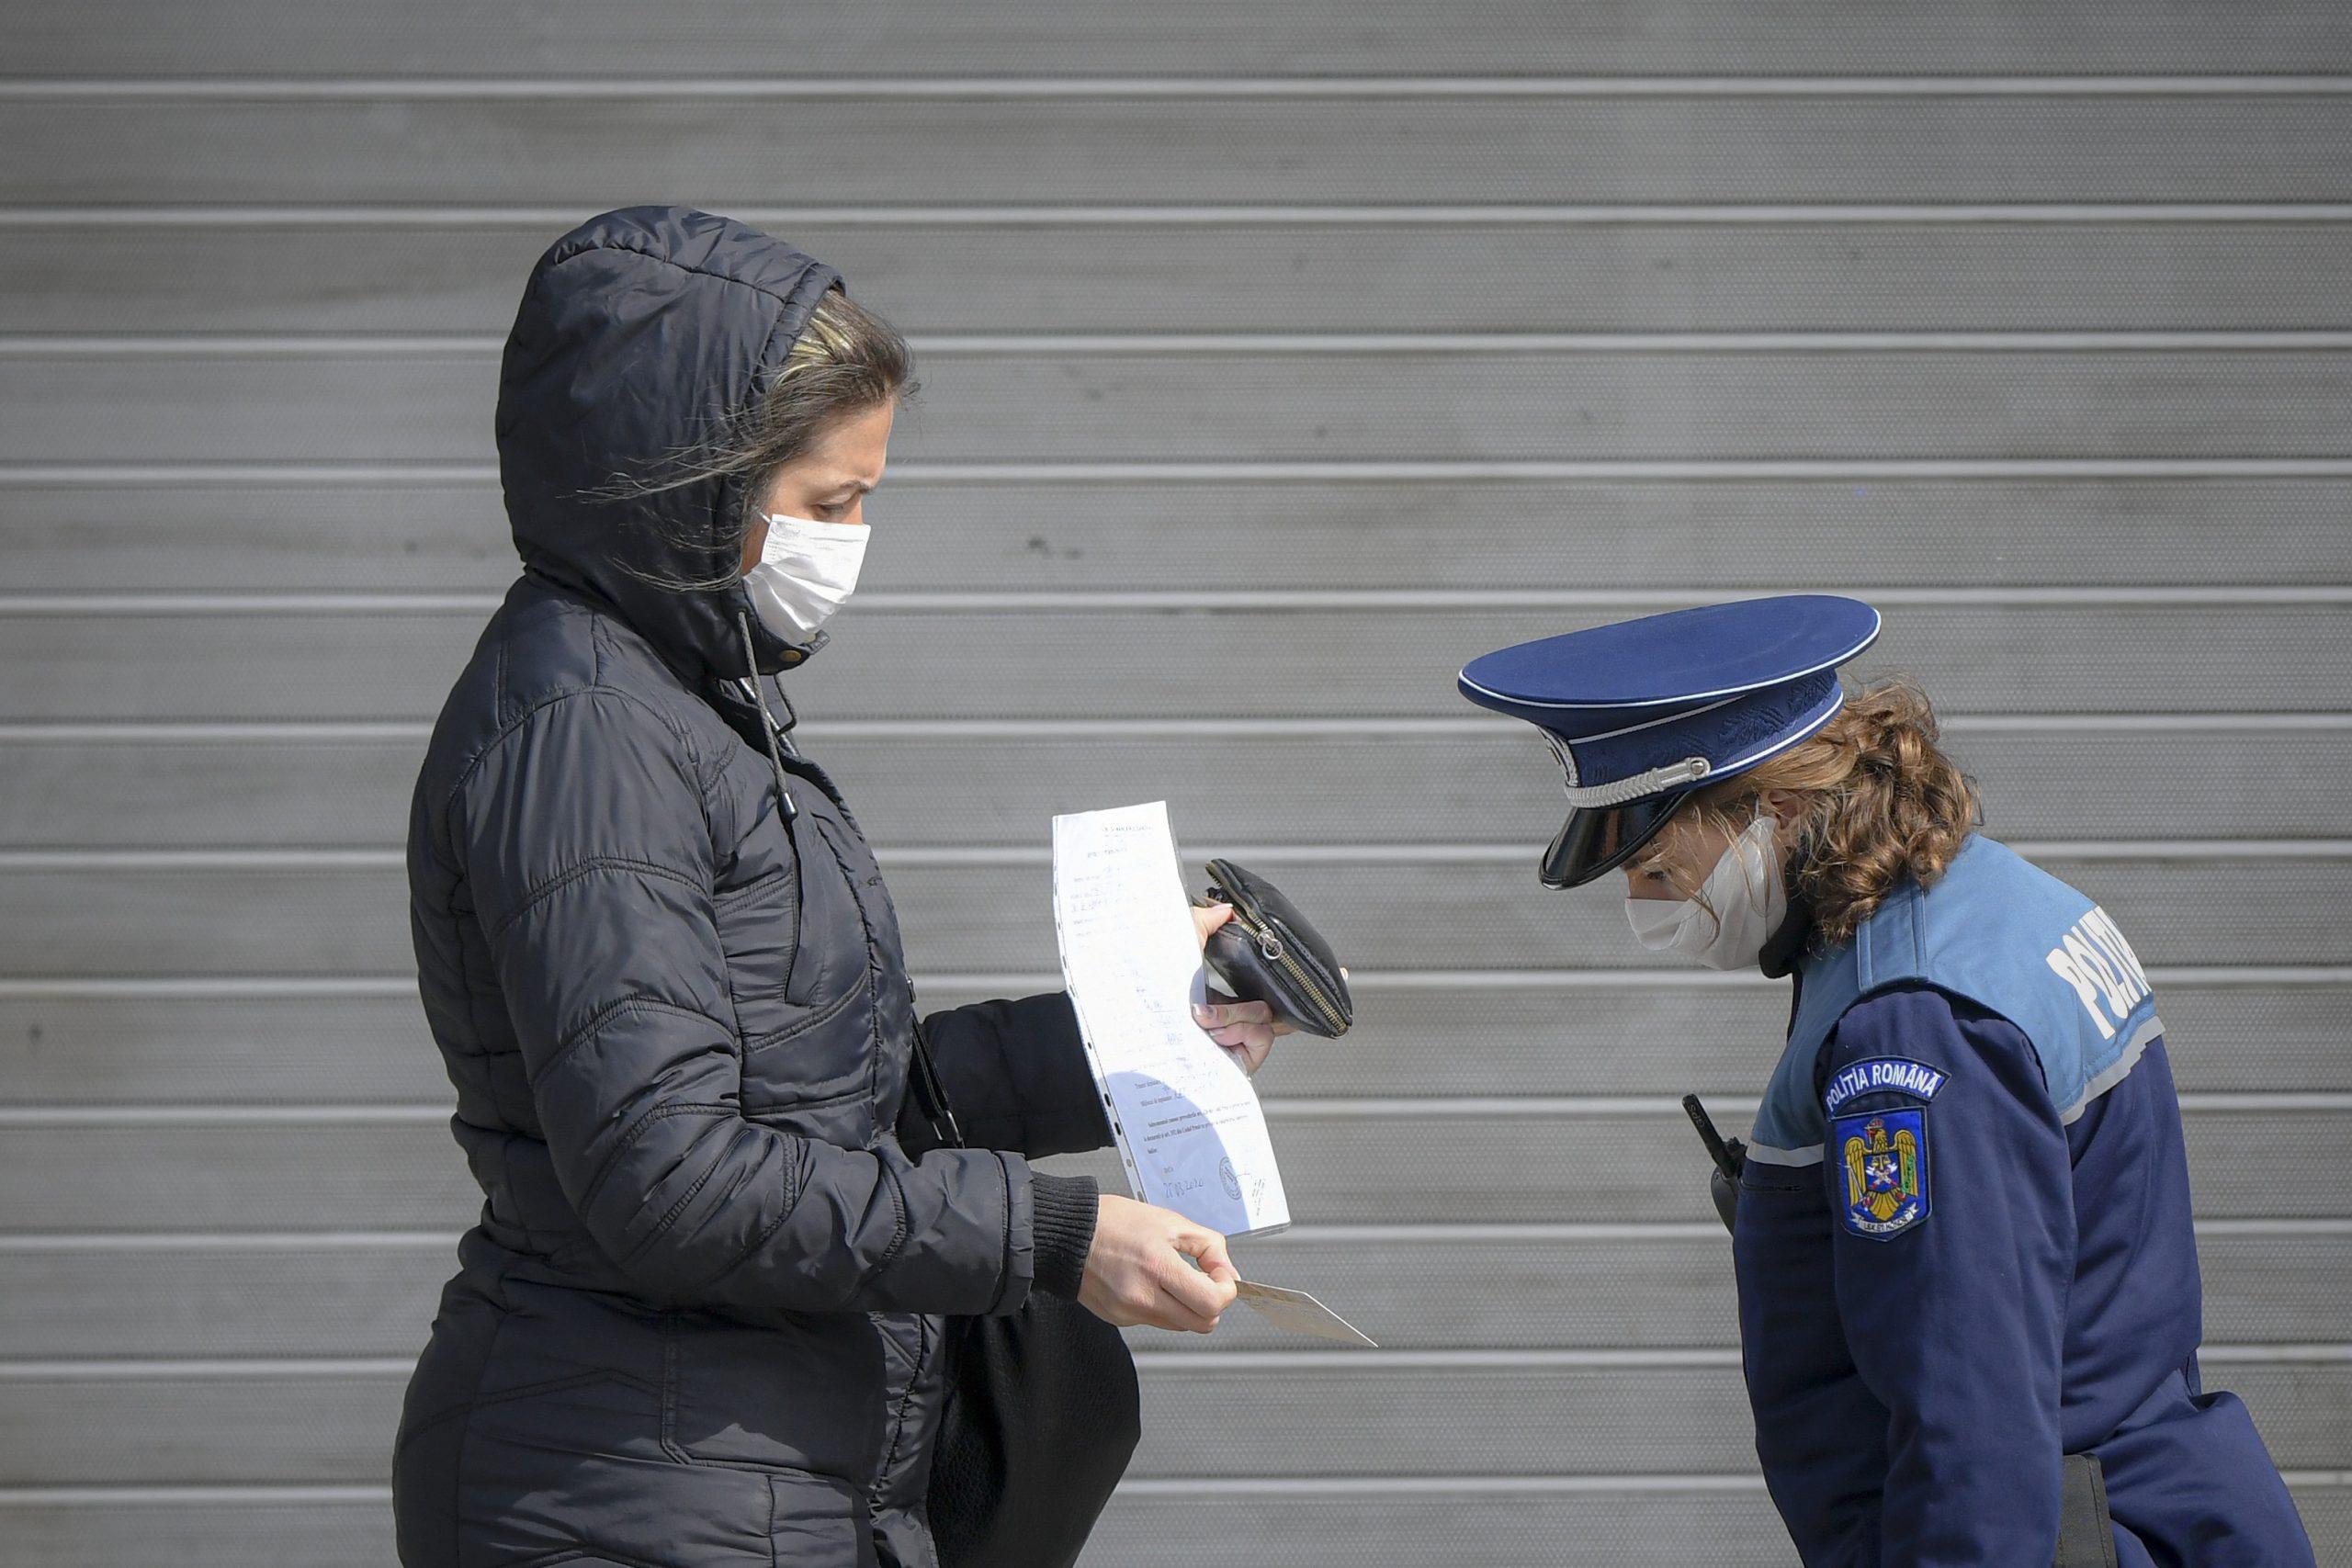 A început teroarea în România. Poliție